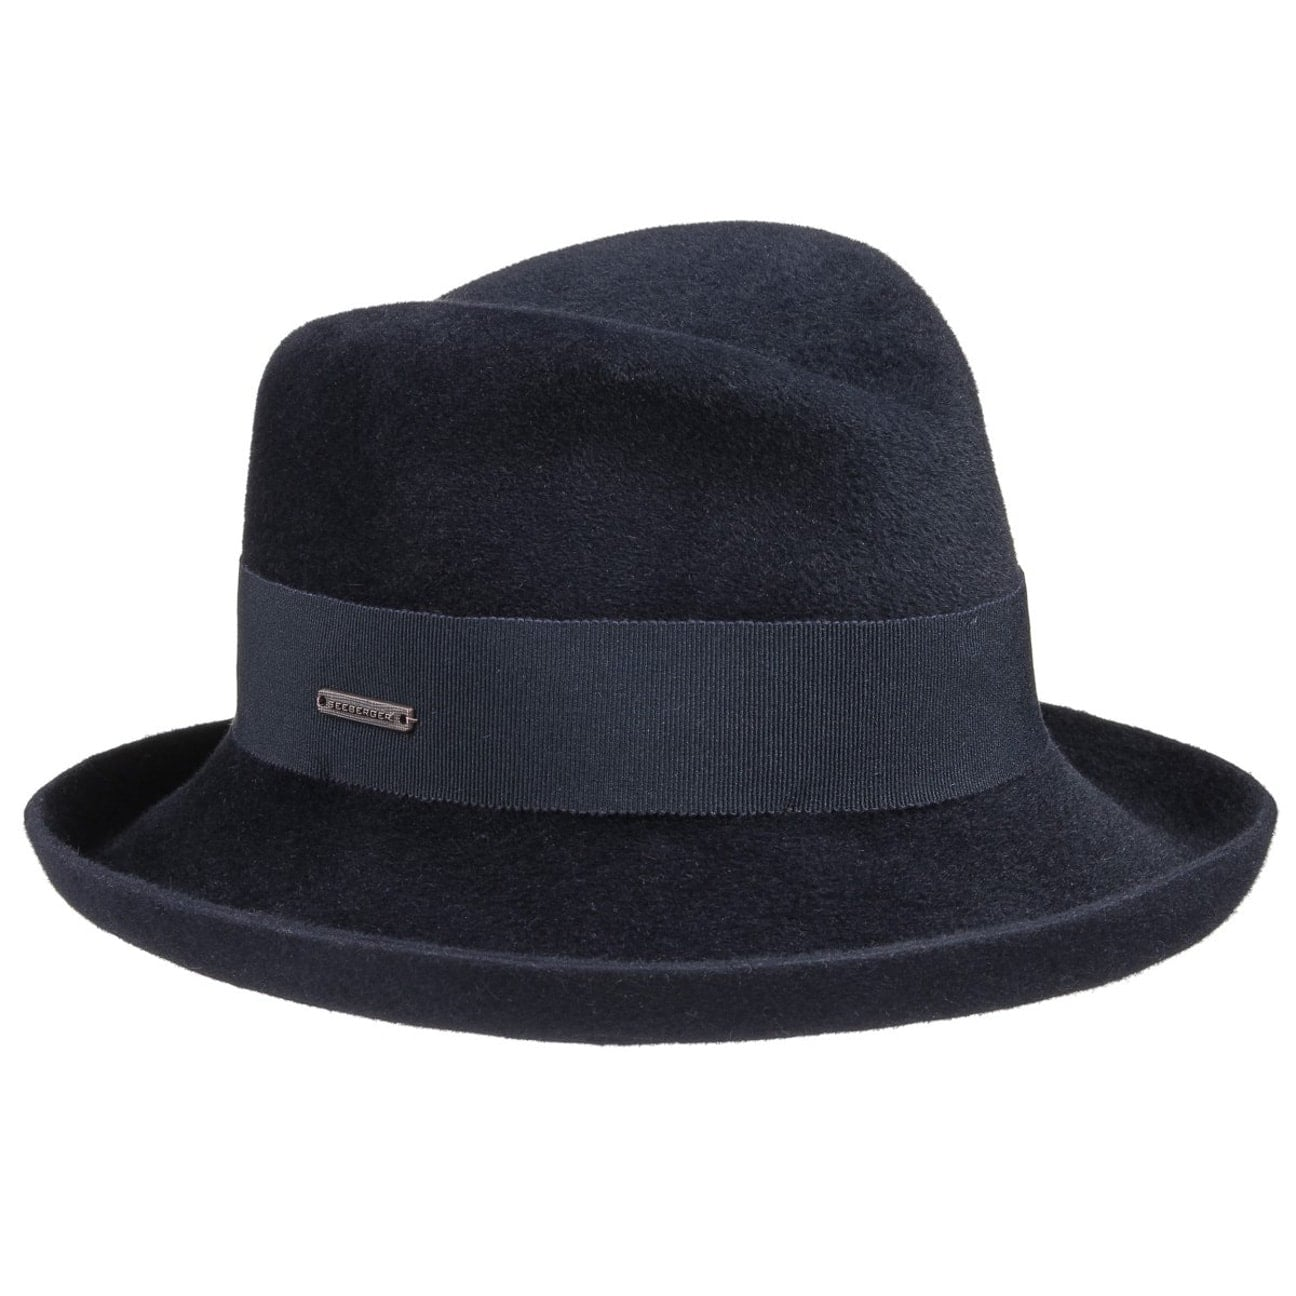 Chapeau Feutre Poil Velours by Seeberger Chapeaux bleu One Size